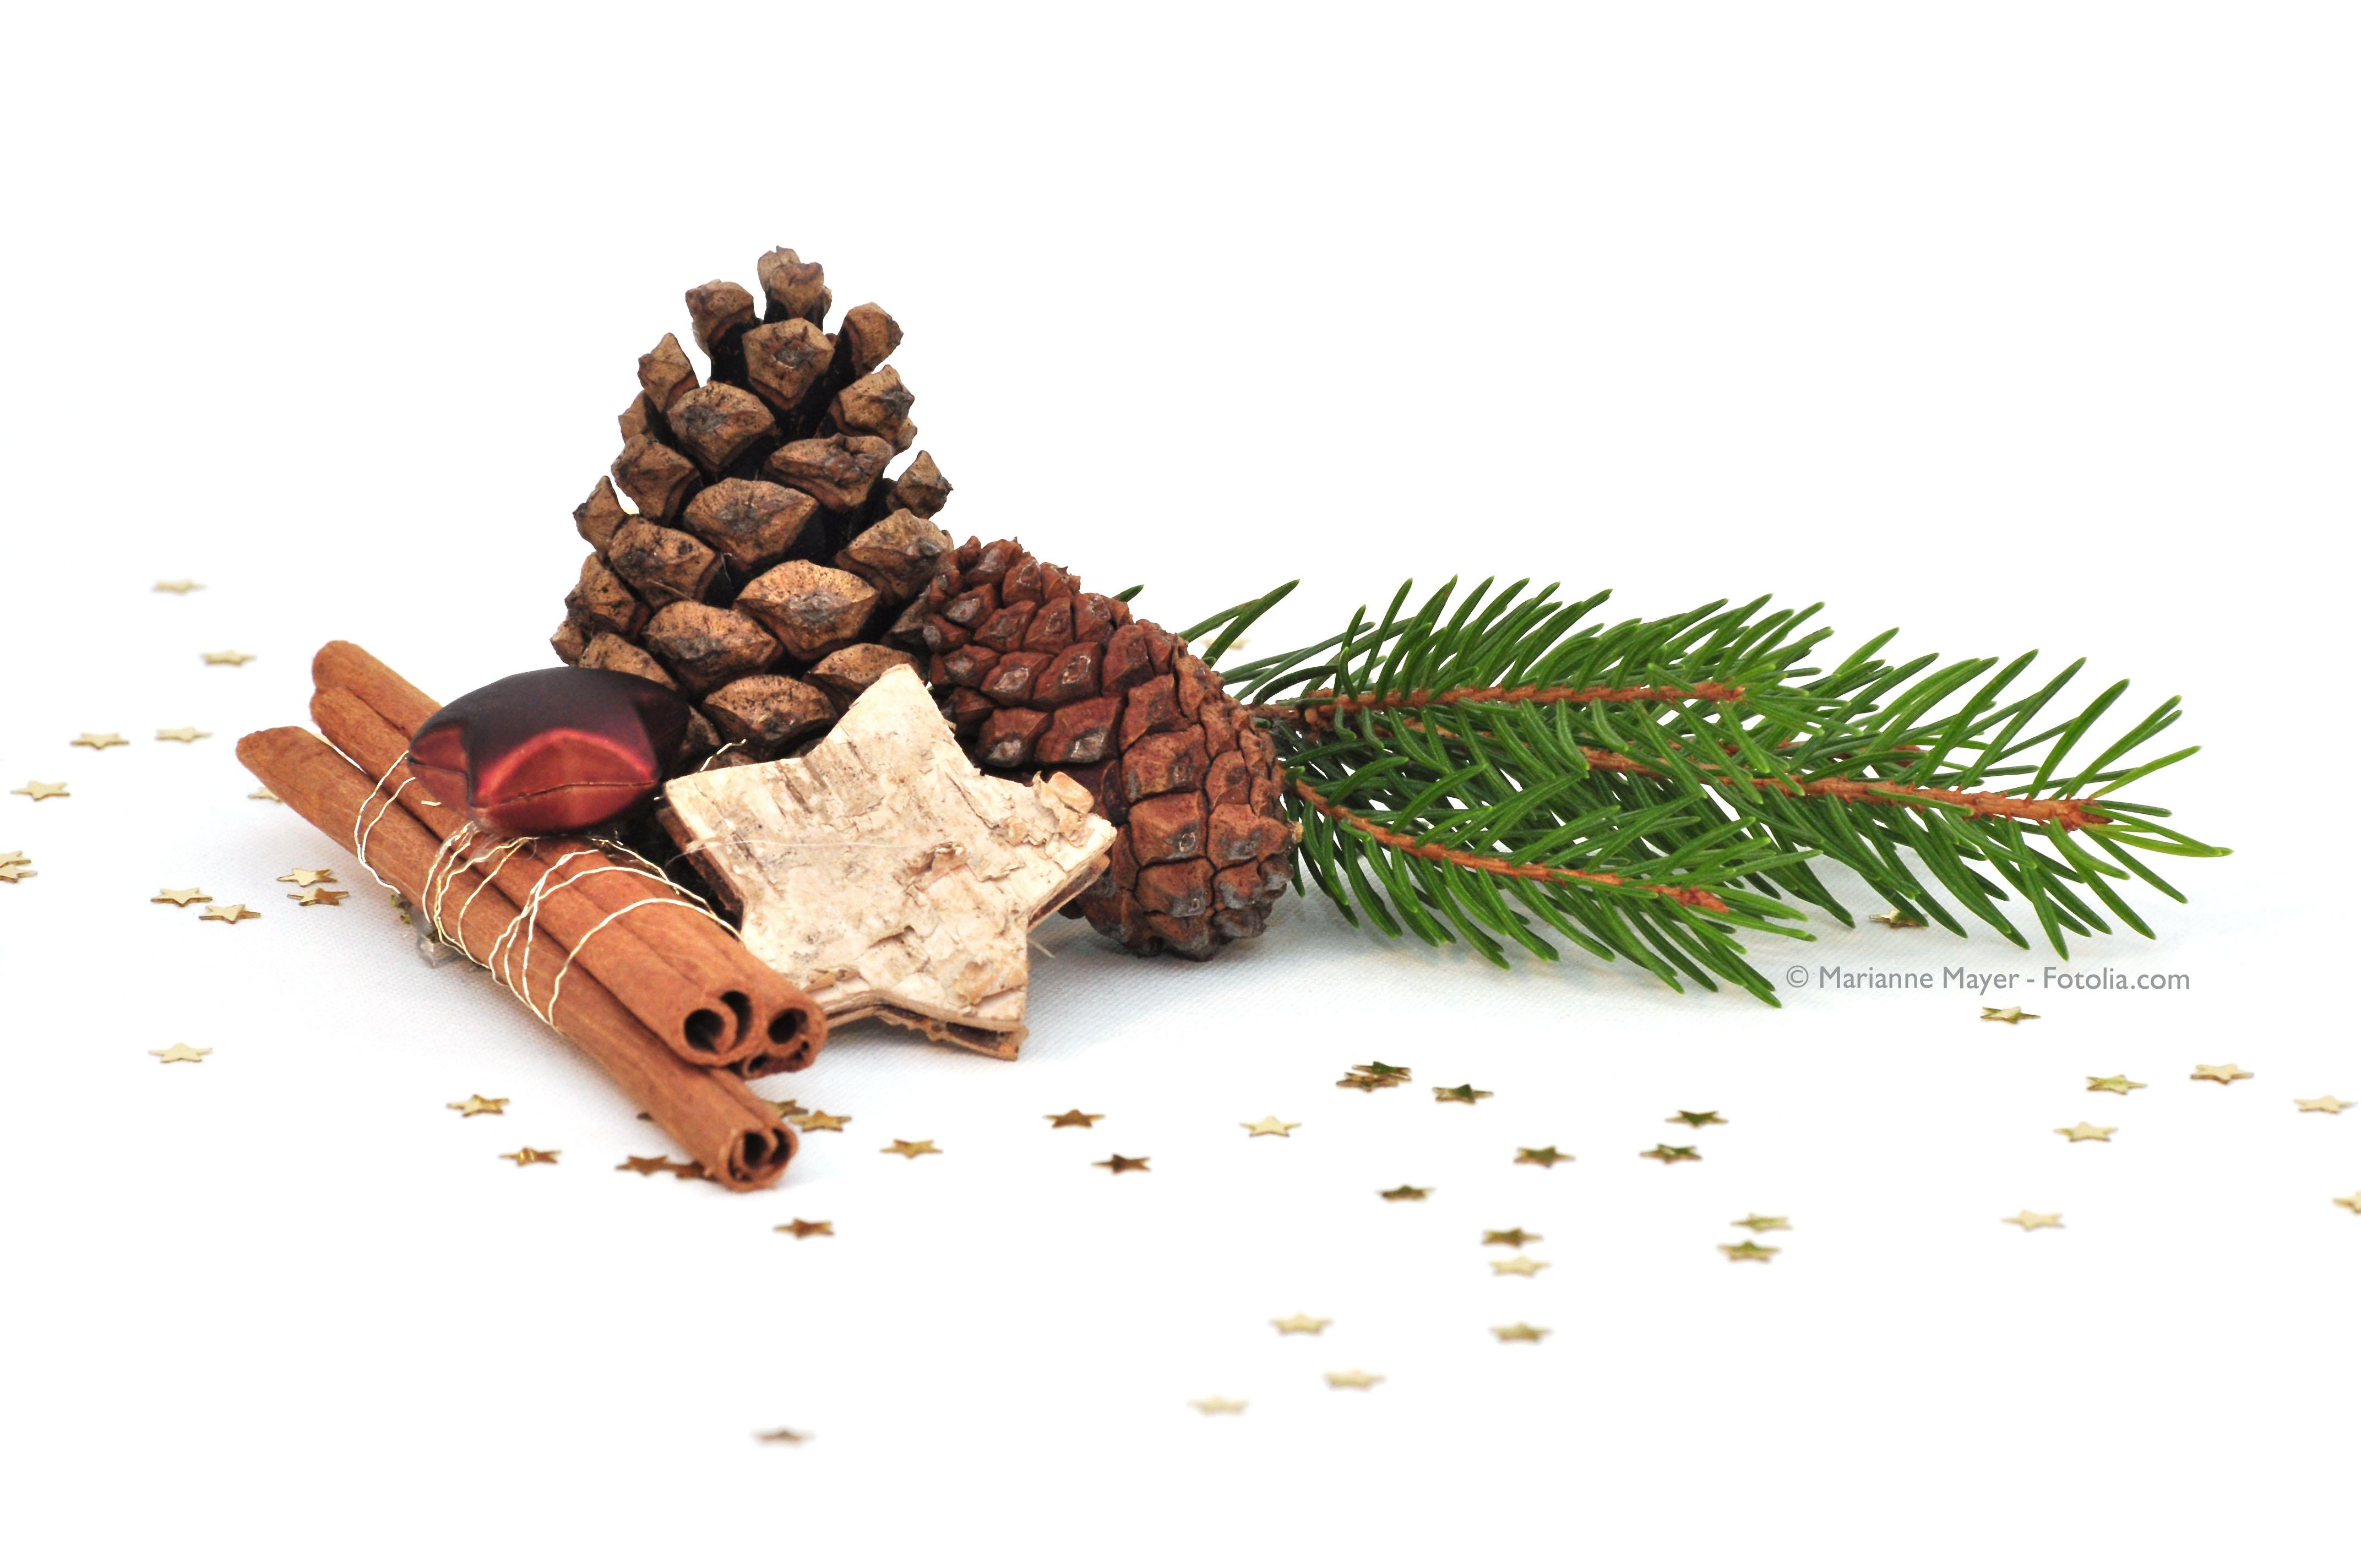 Weihnachtsdeko Online Related Keywords & Suggestions - Weihnachtsdeko ...